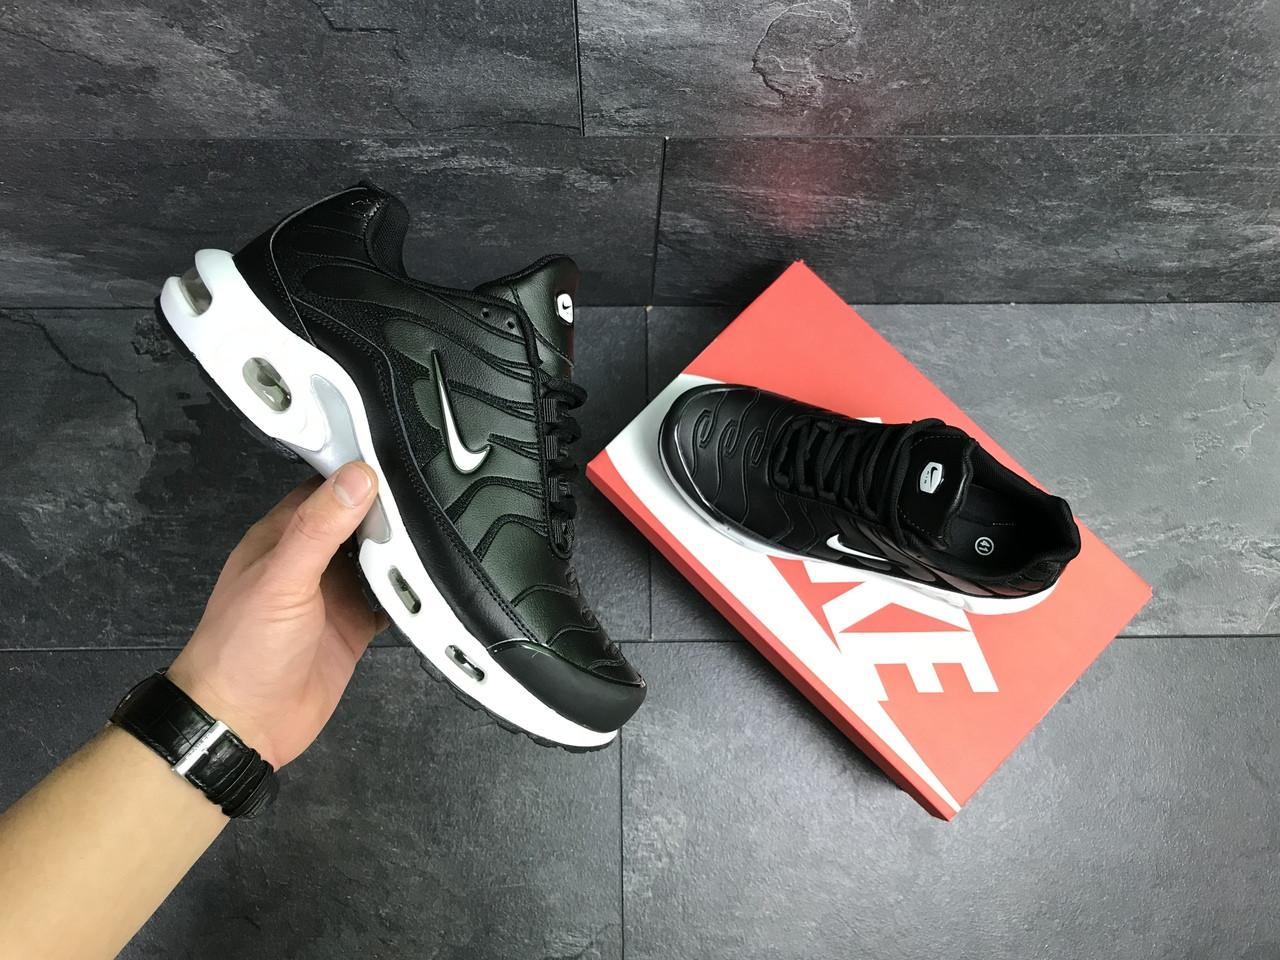 84e60d0e Кожаные мужские кроссовки Nike Air Max TN на весну повседневные под джинсы  в черном цвете,